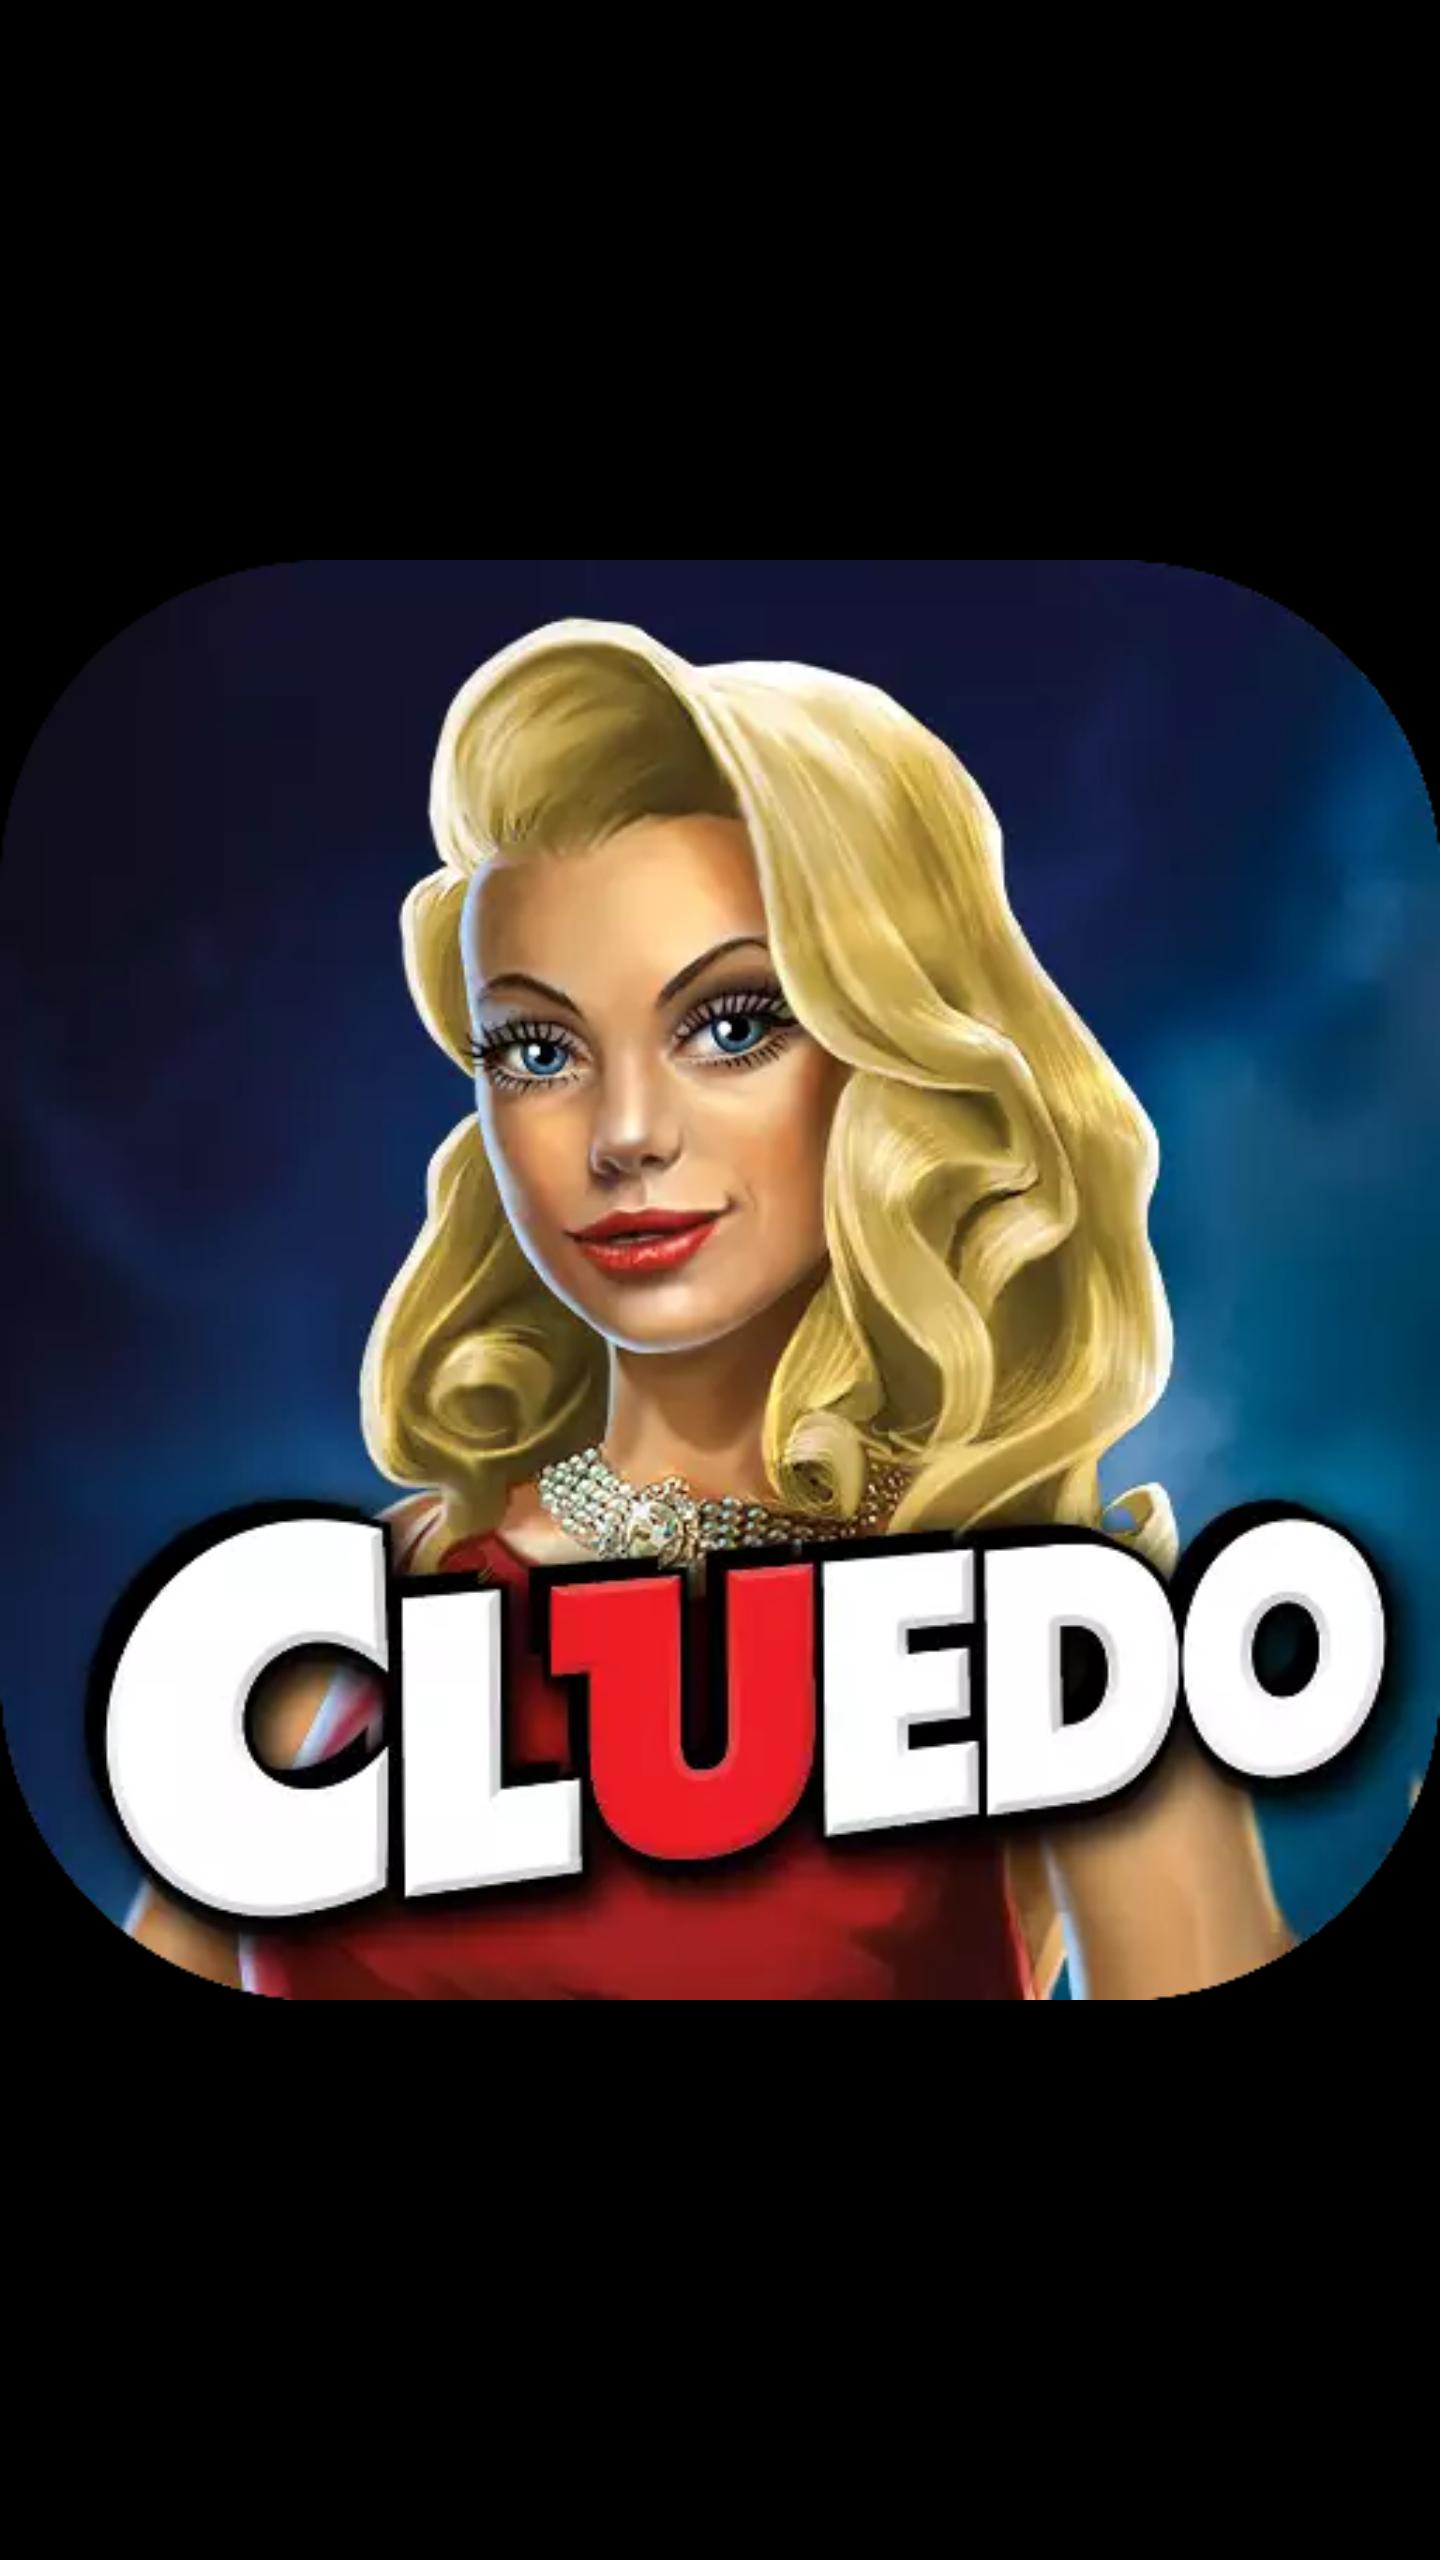 Cluedo(Android) nu 3 dagen gratis @googleplay